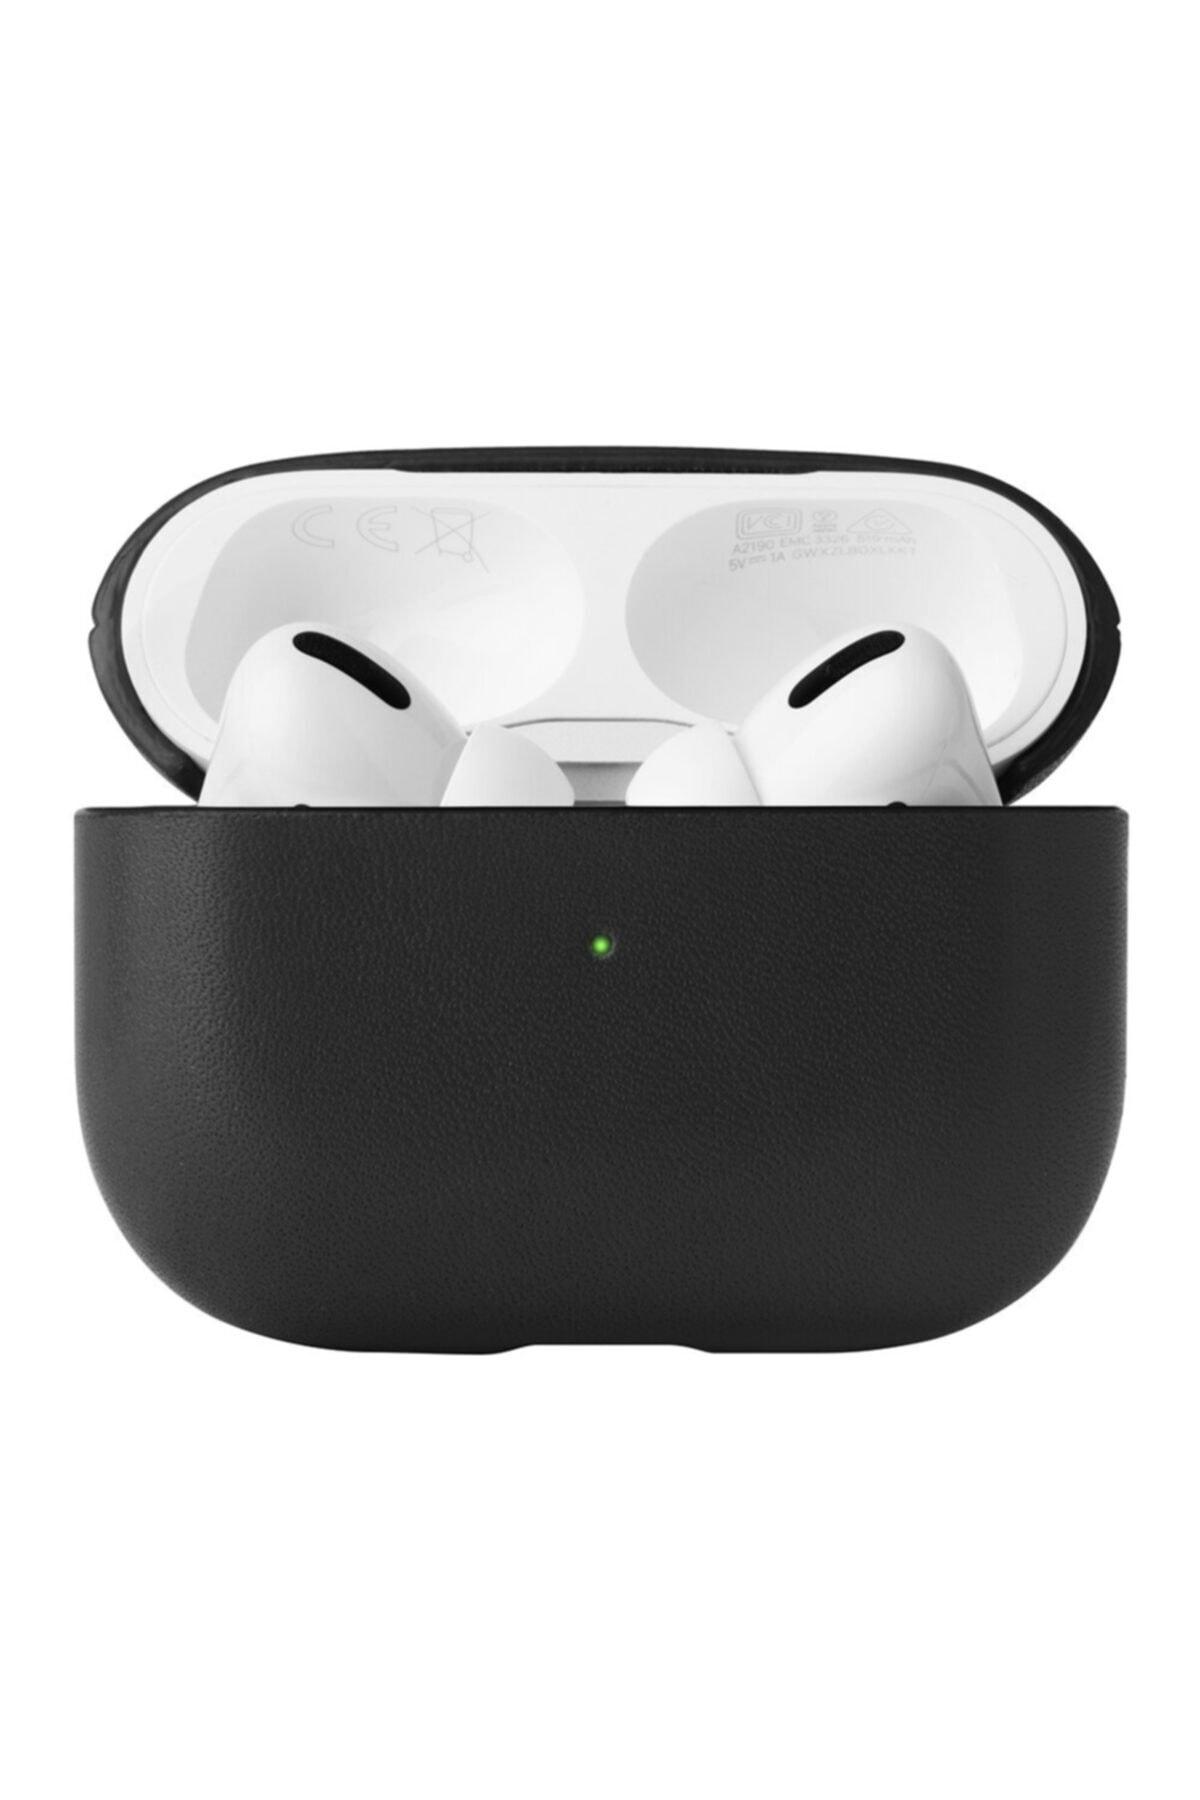 NewBlue Airpods Pro 360 Koruyucu Siyah Deri Kılıf 2